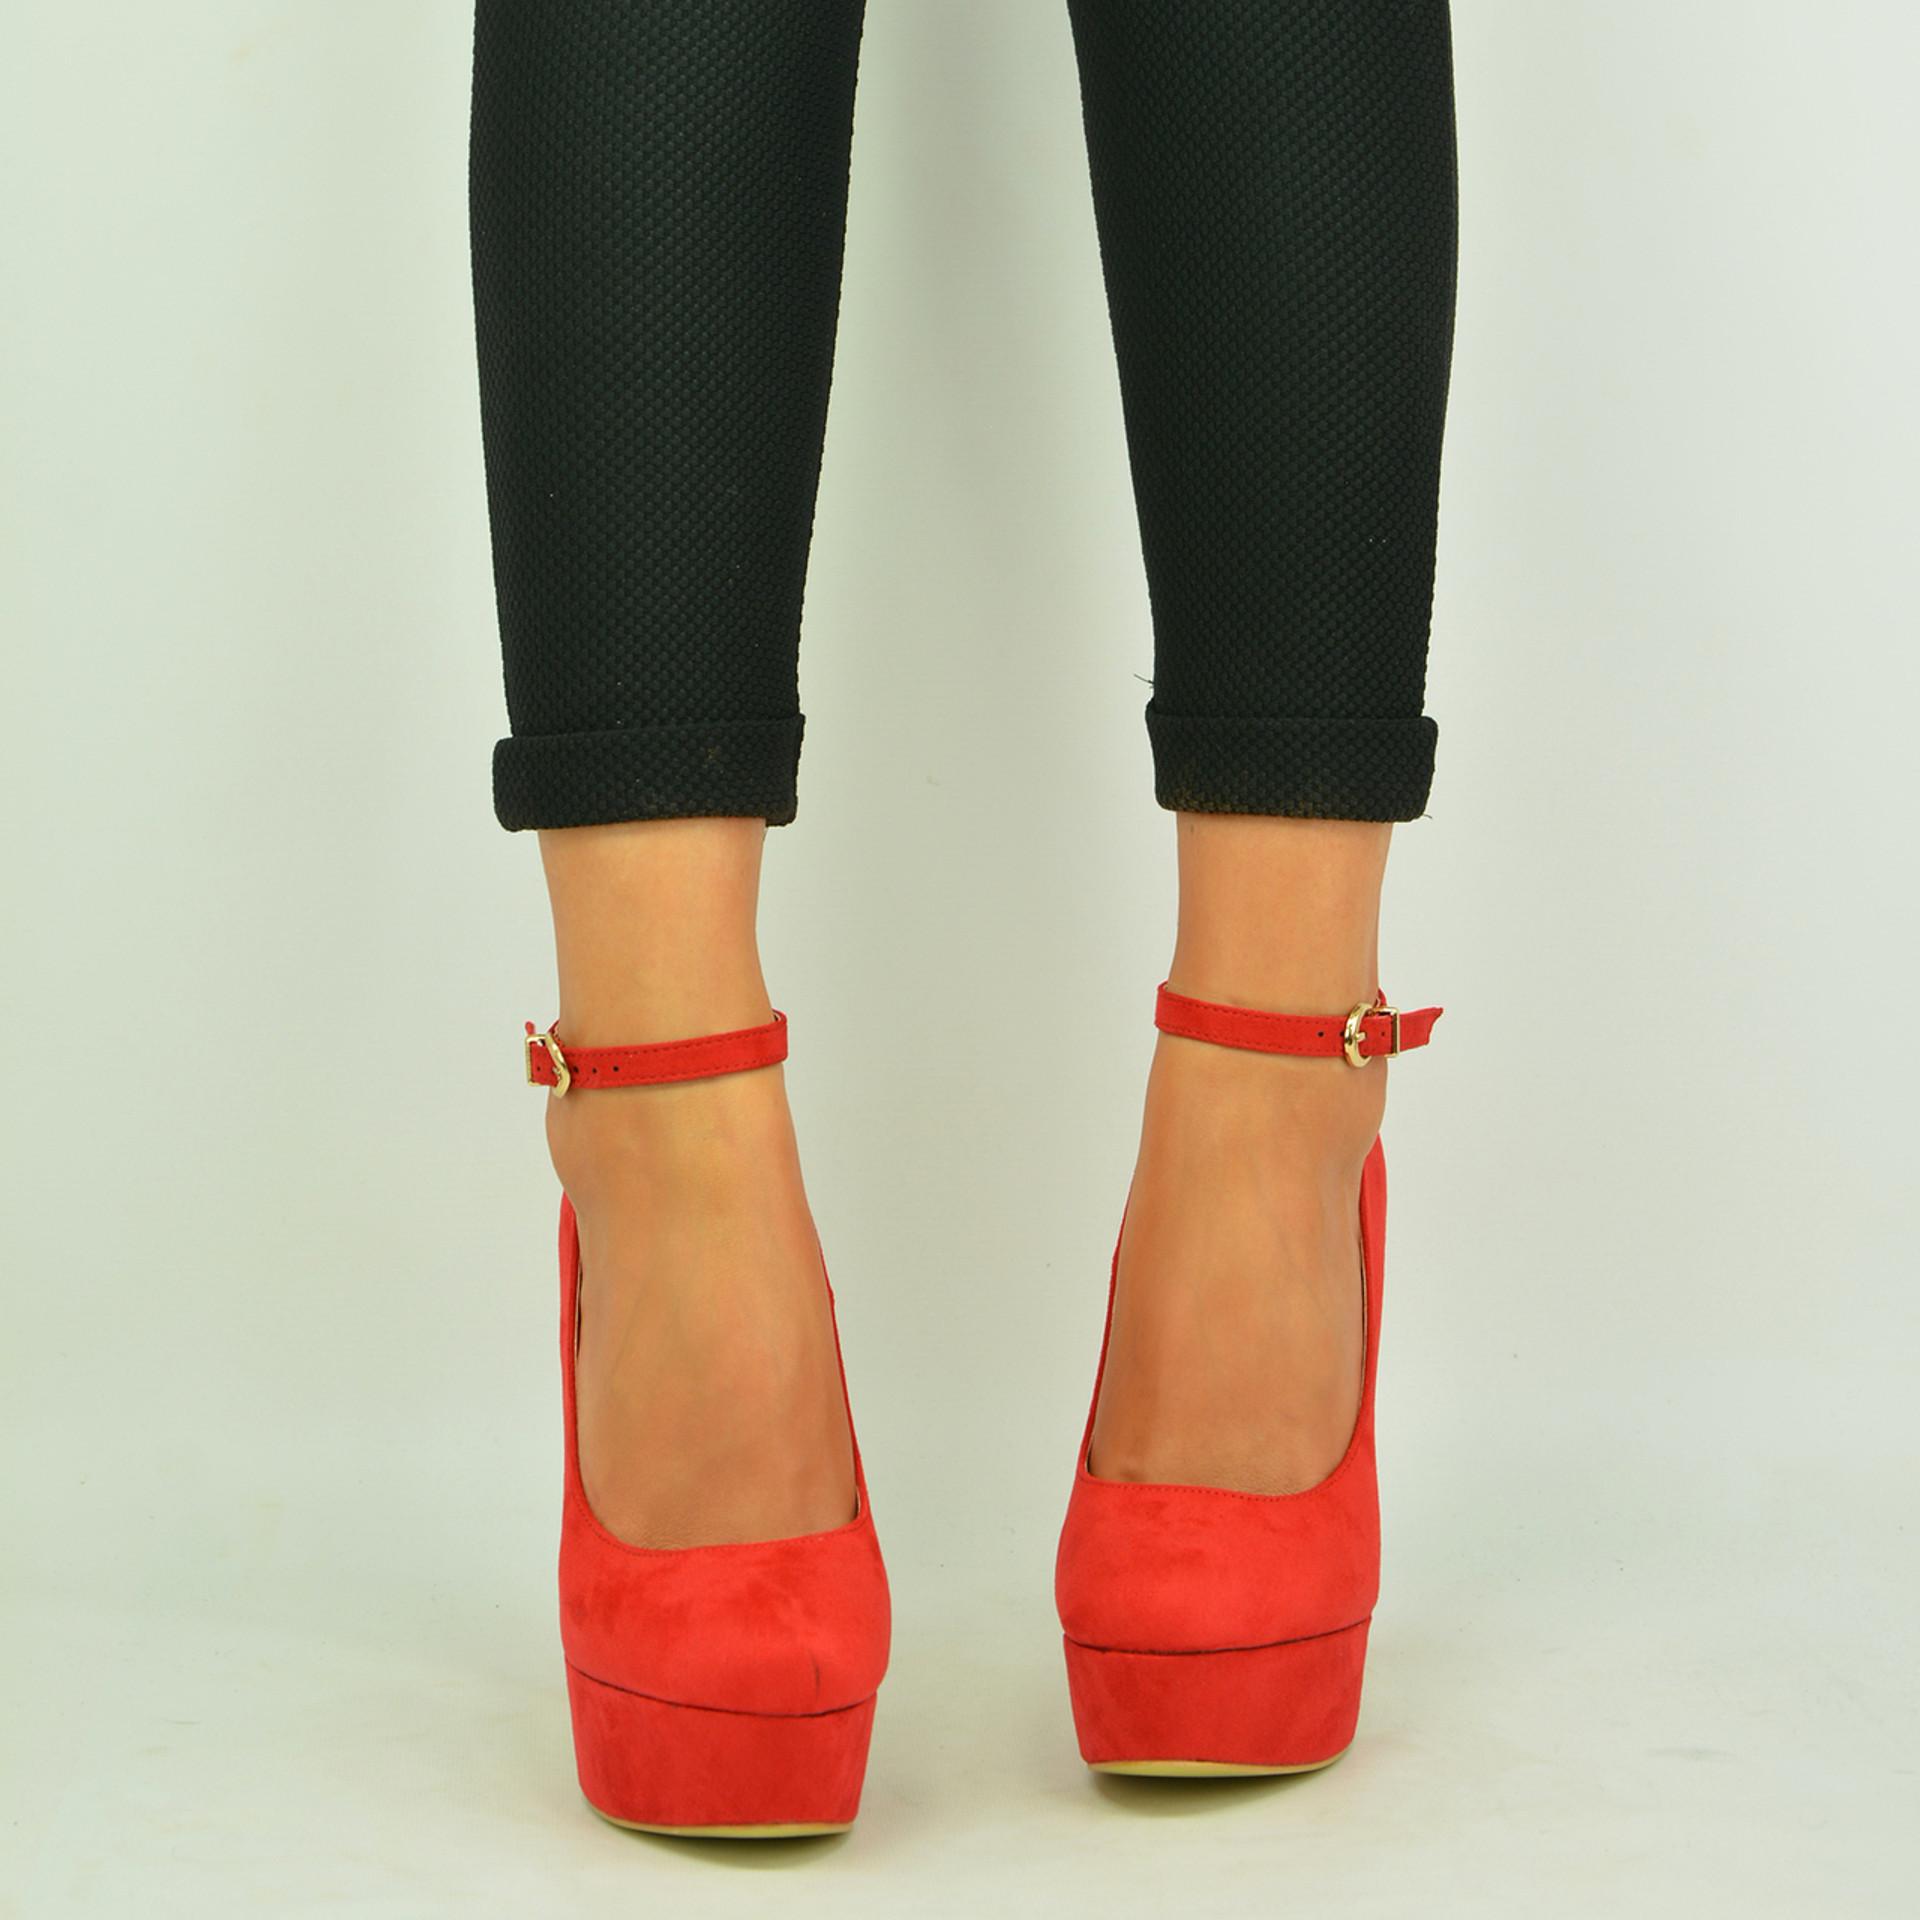 Red Ankle Strap Platform Pumps